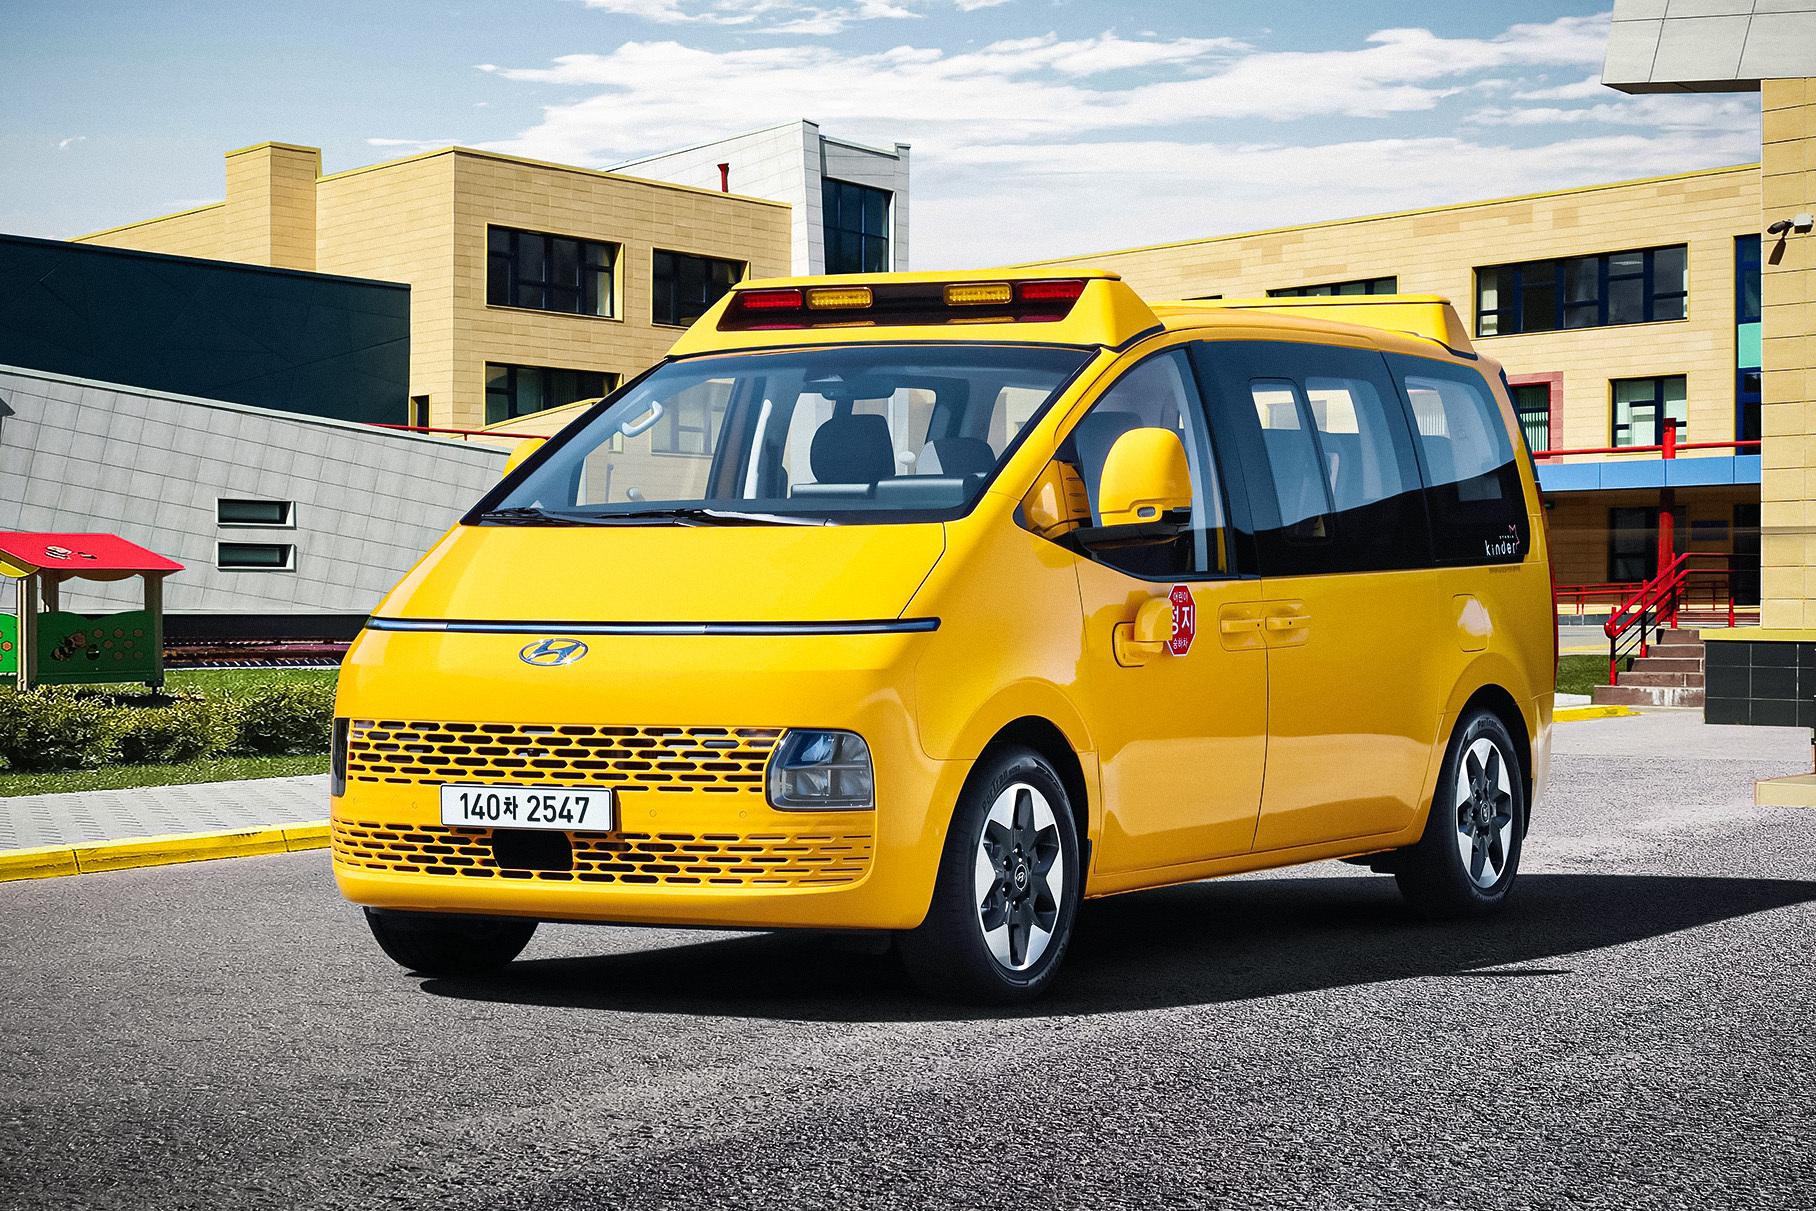 Футуристичный минивэн Hyundai Staria превратился в школьный автобус